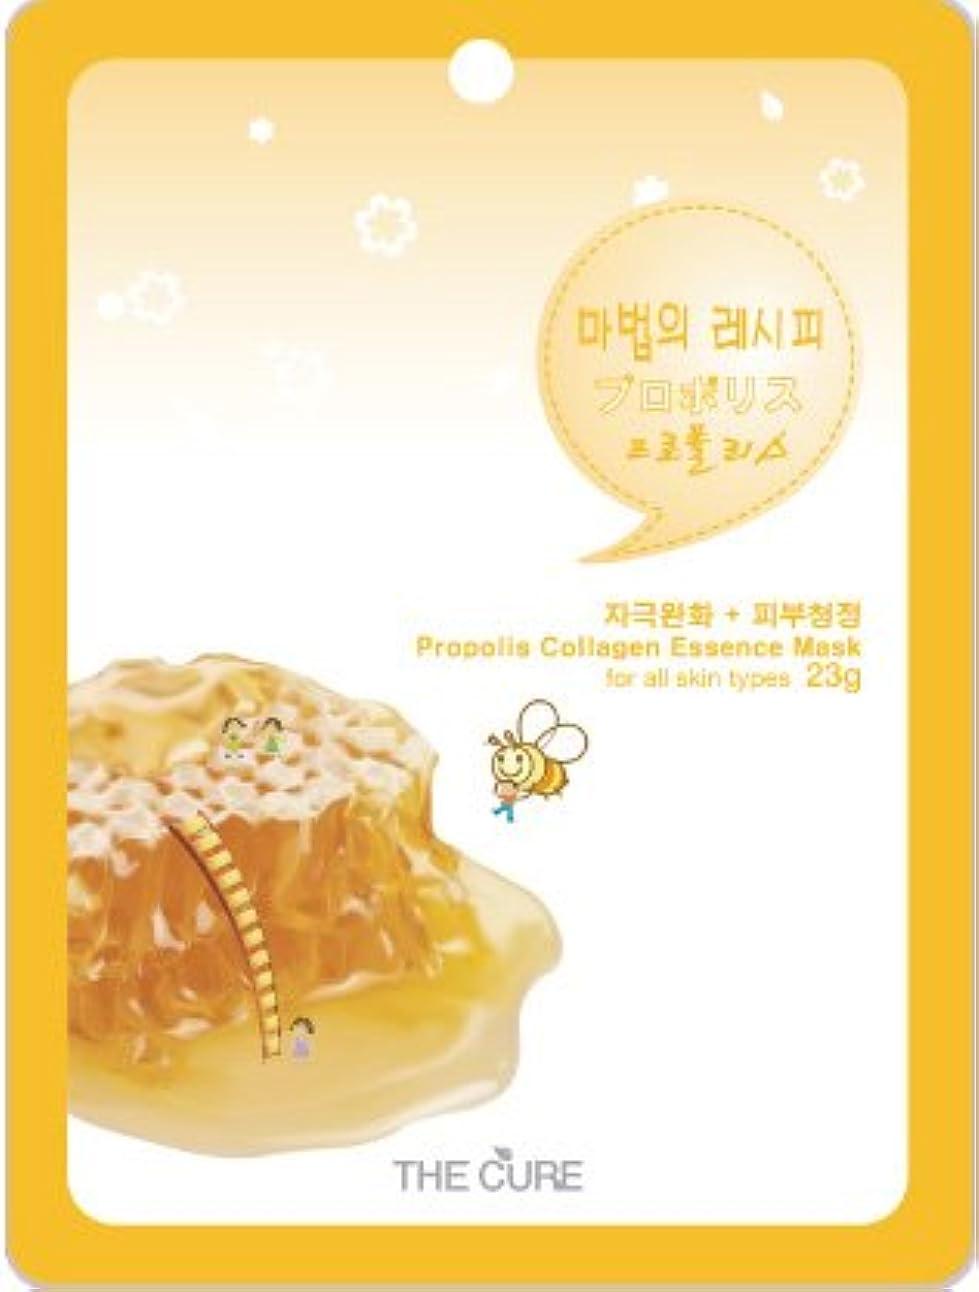 時系列サバントこれらプロポリス コラーゲン エッセンス マスク THE CURE シート パック 10枚セット 韓国 コスメ 乾燥肌 オイリー肌 混合肌